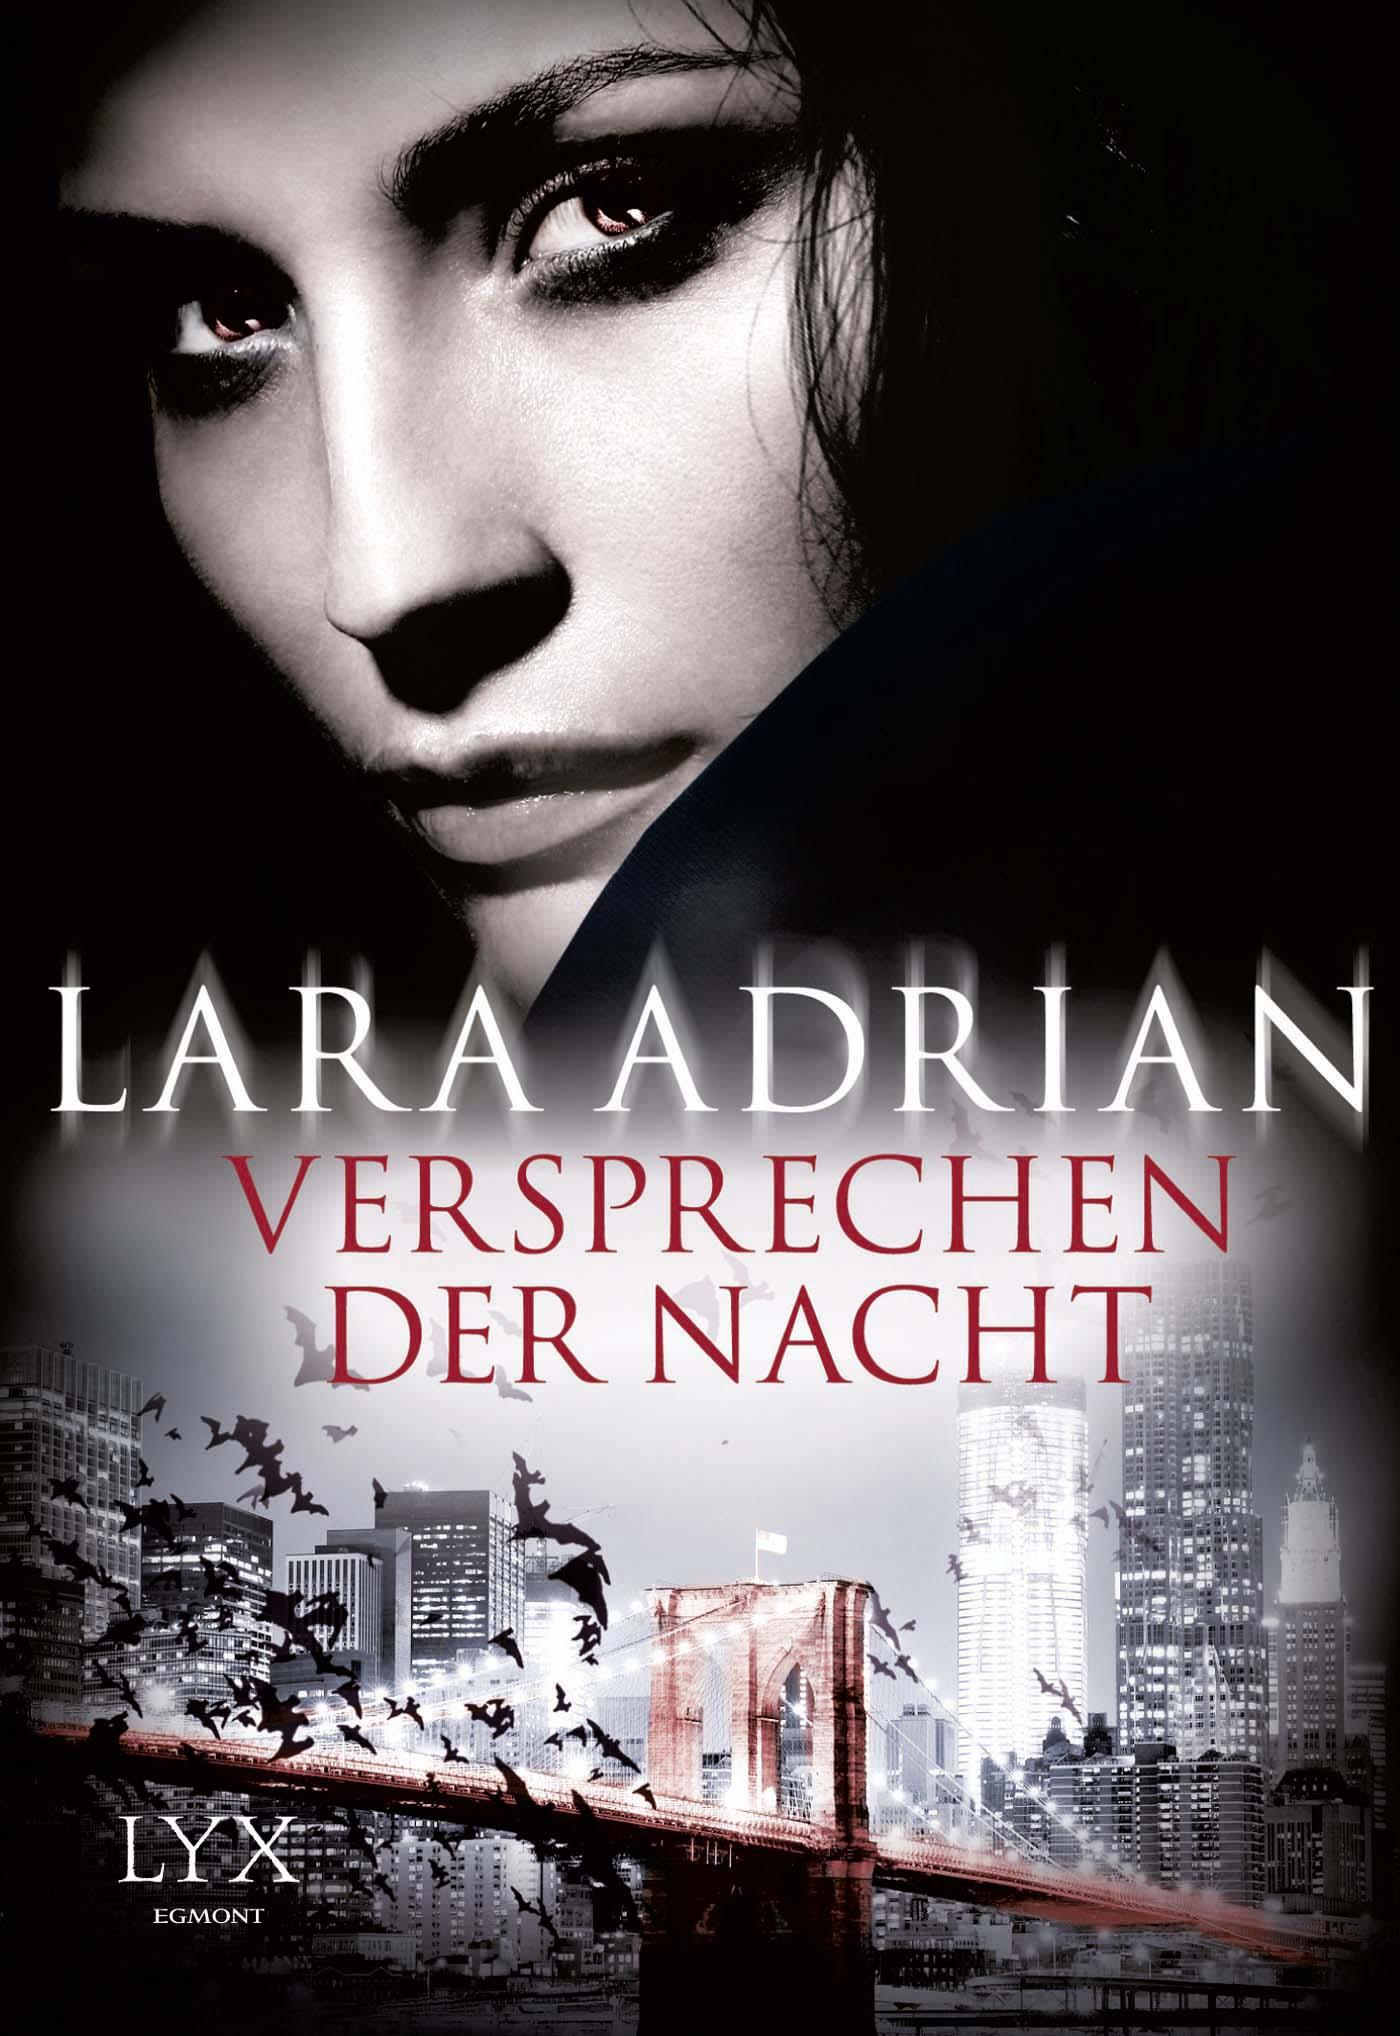 Versprechen der Nacht - Lara Adrian